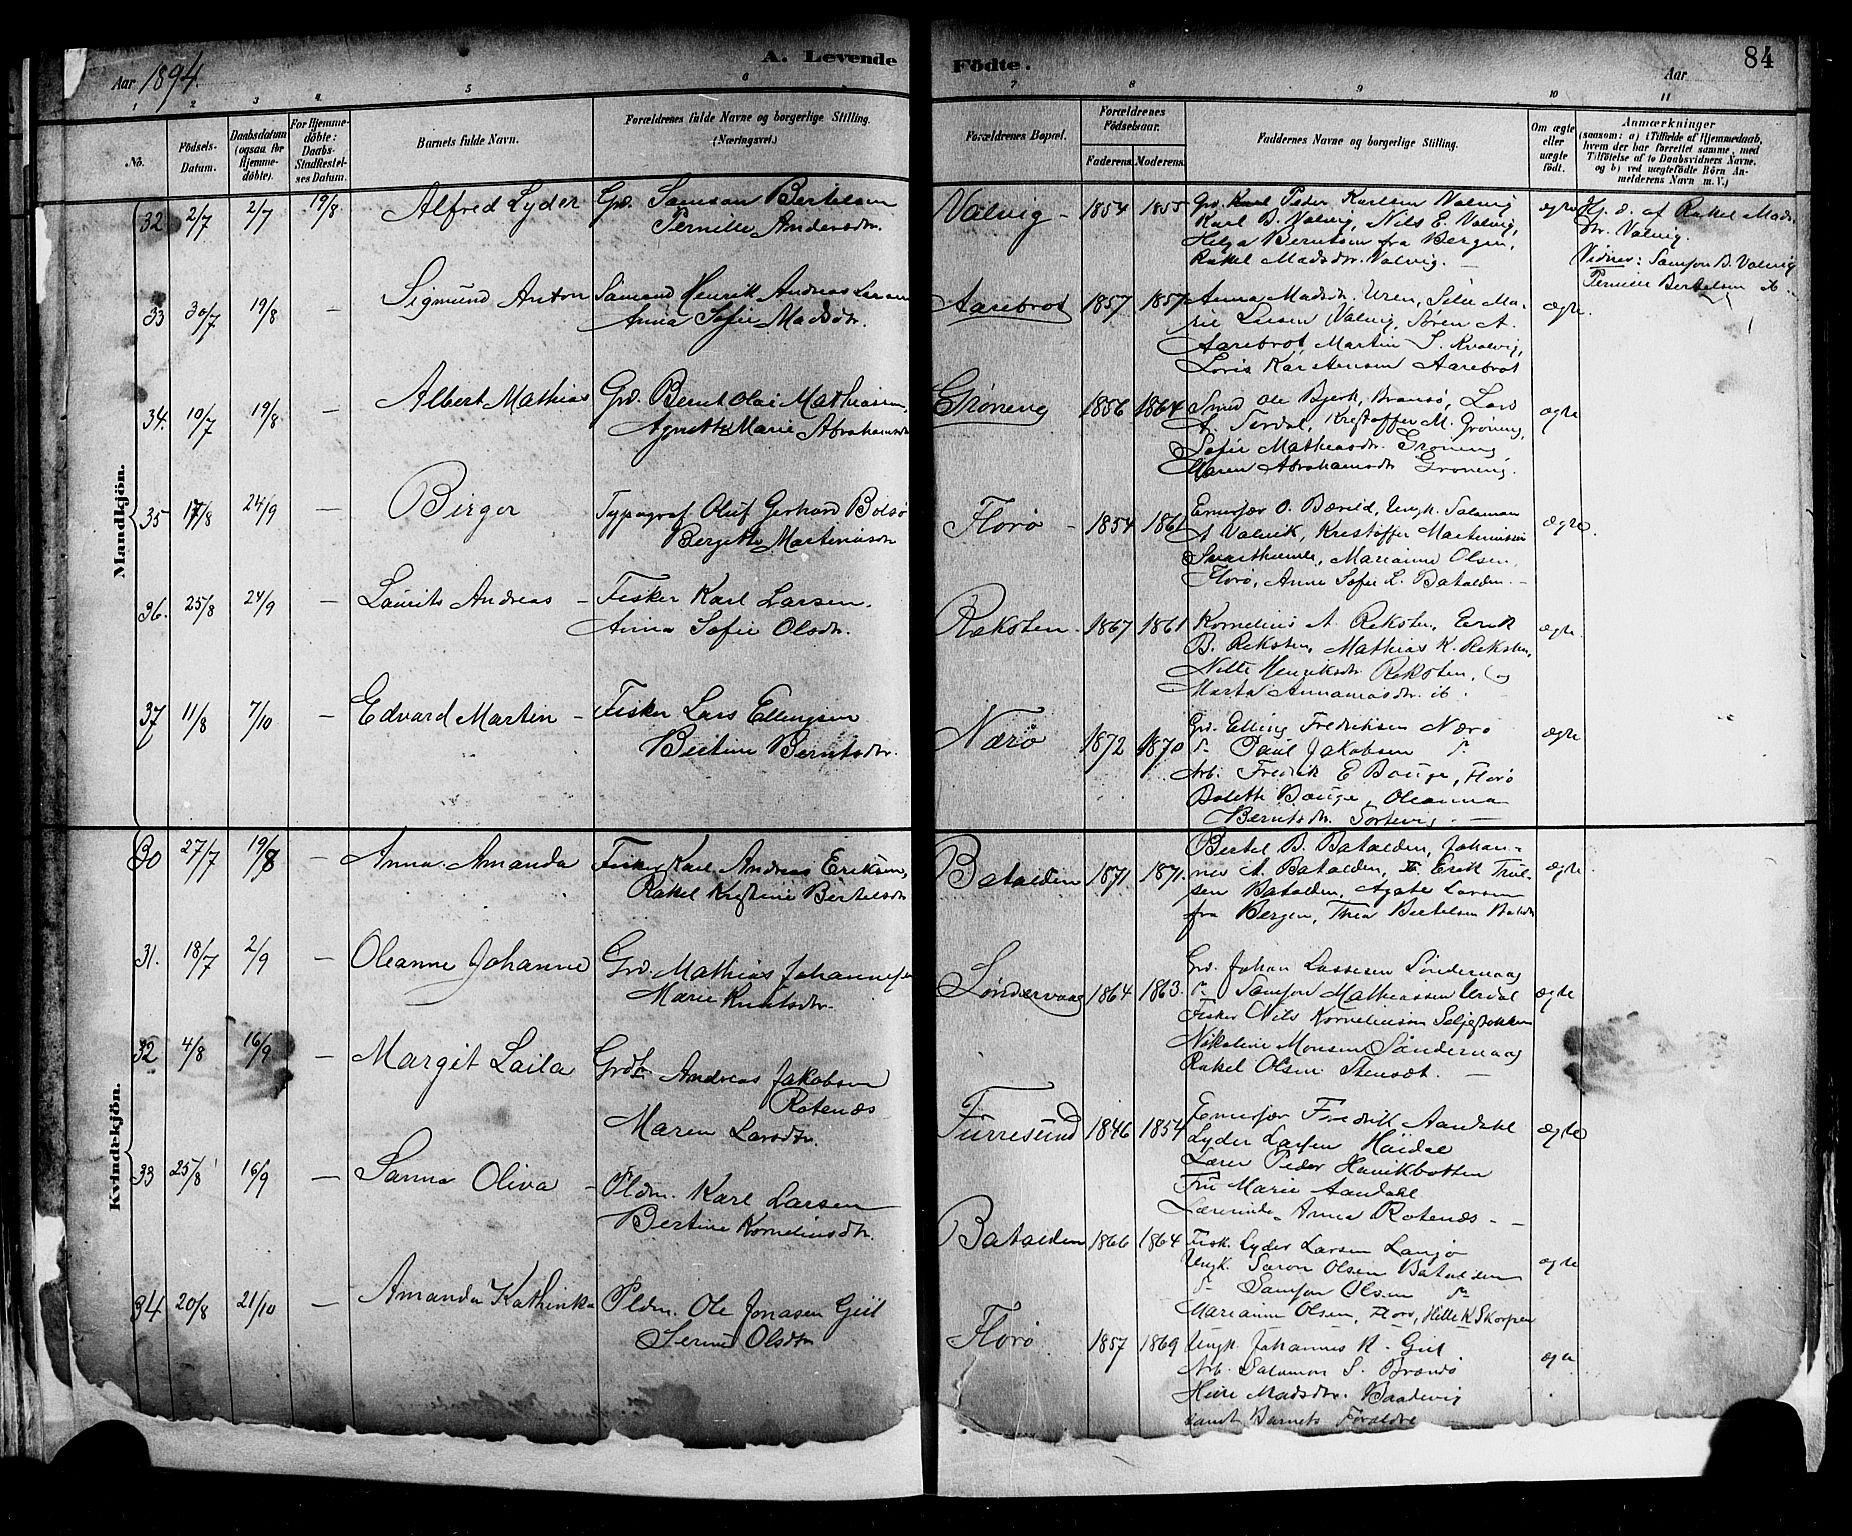 SAB, Kinn sokneprestembete, H: Klokkerbok nr. A 2, 1882-1906, s. 84